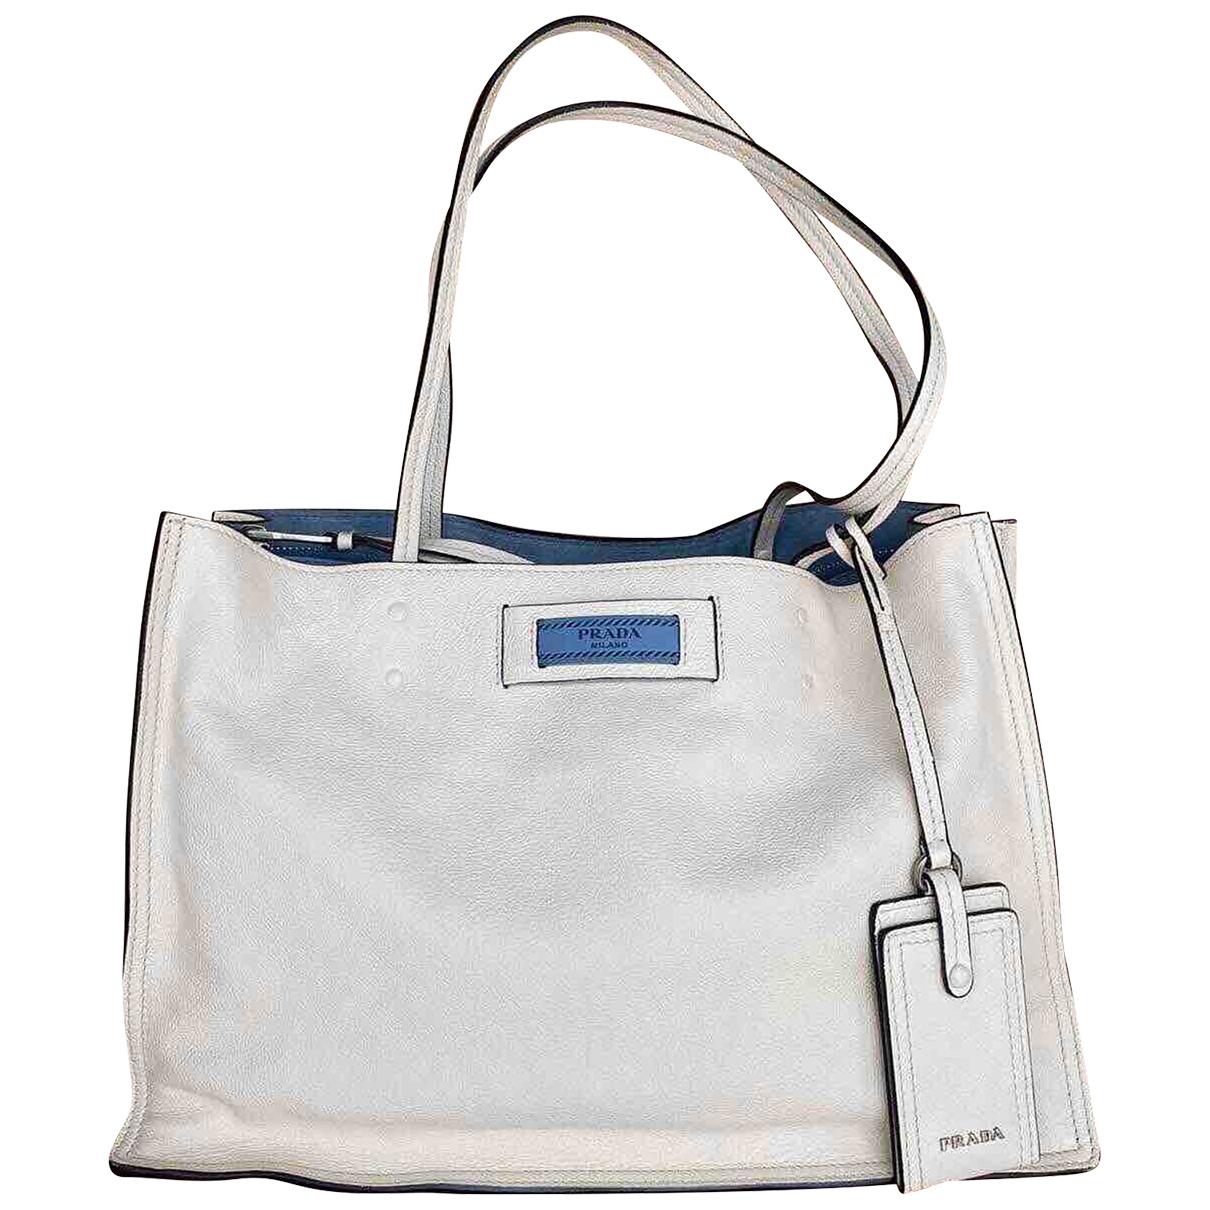 Prada Etiquette Handtasche in  Weiss Leder